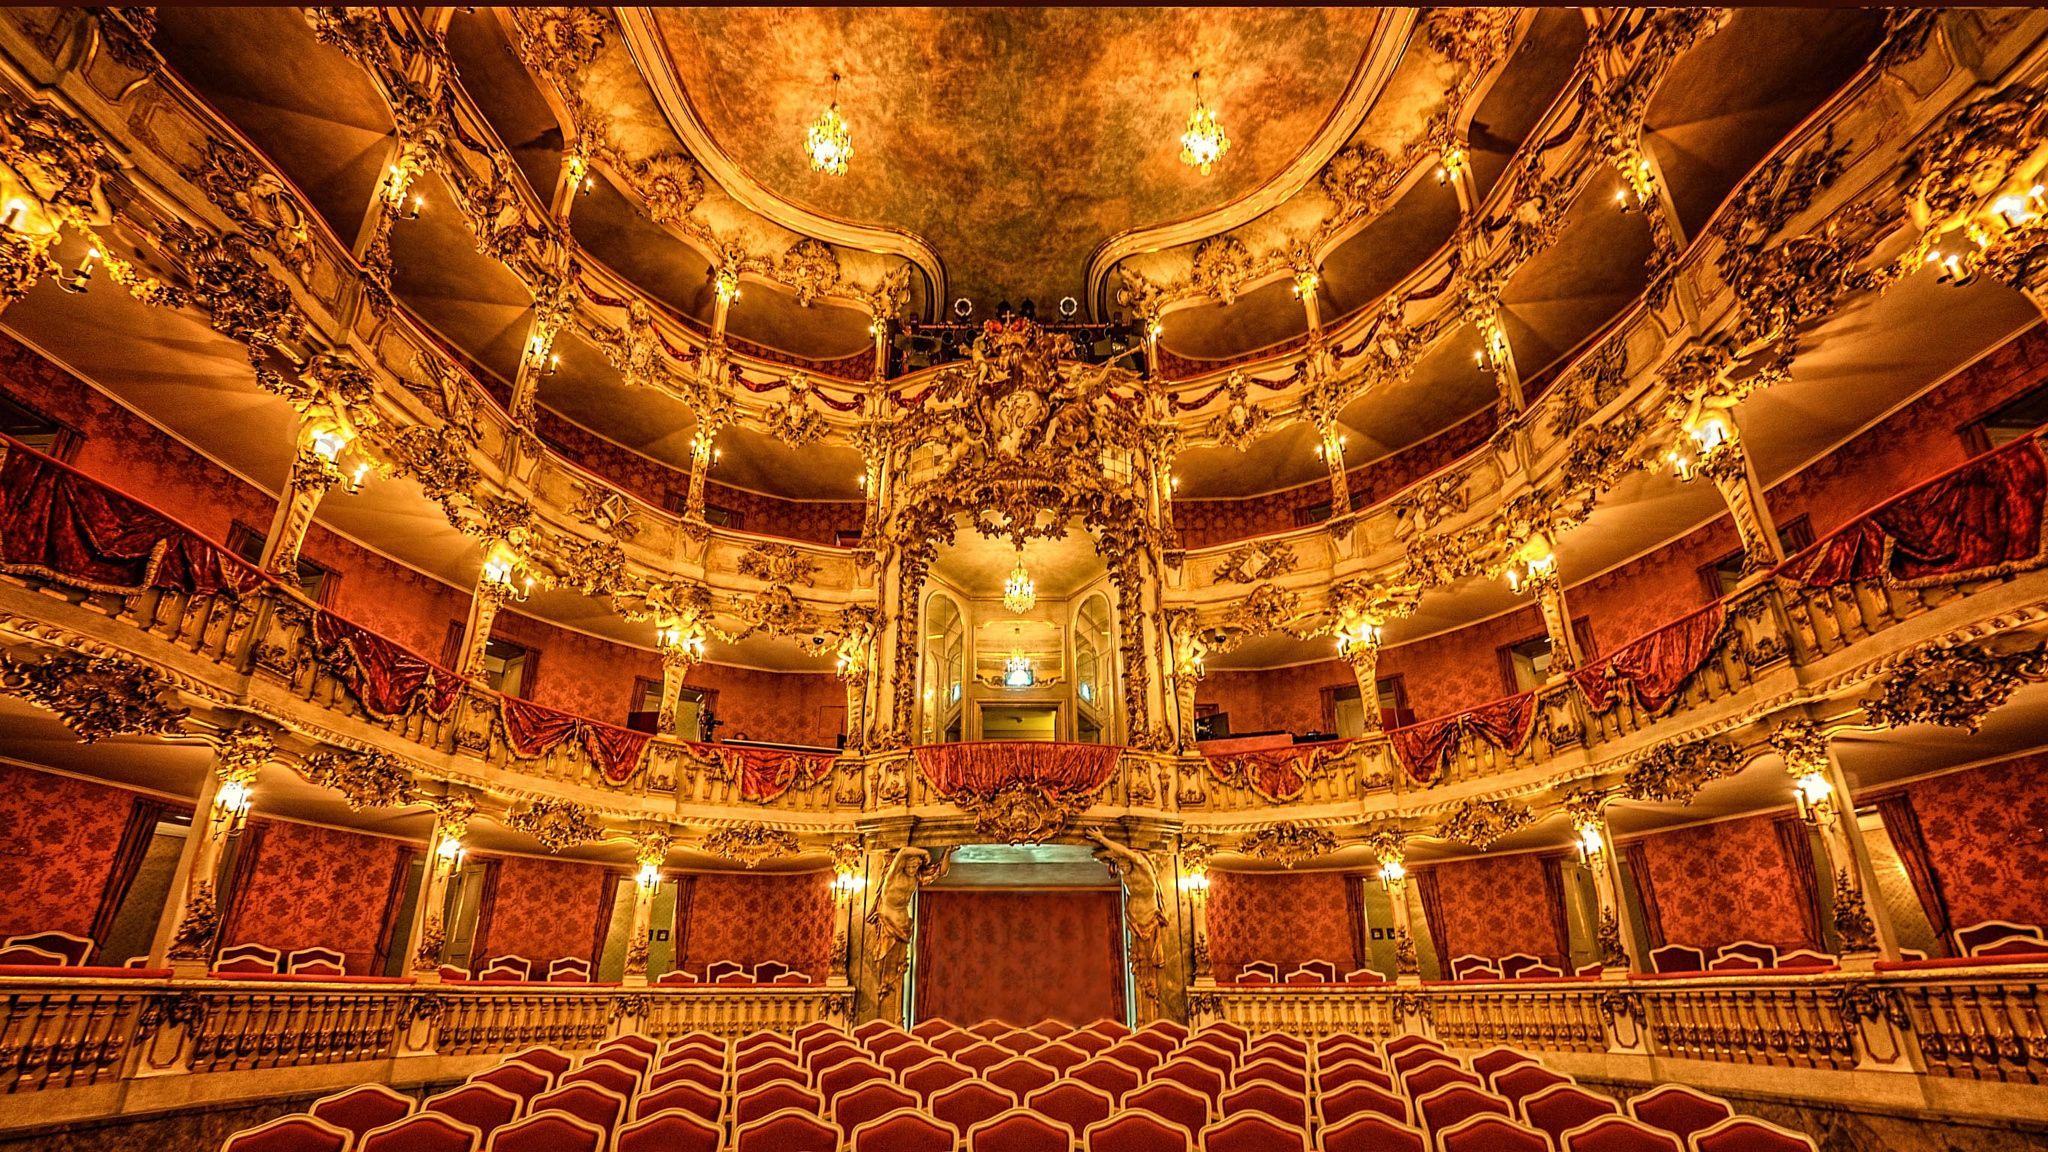 Cuvilliés Theater, il teatro del residenz di monaco di baviera